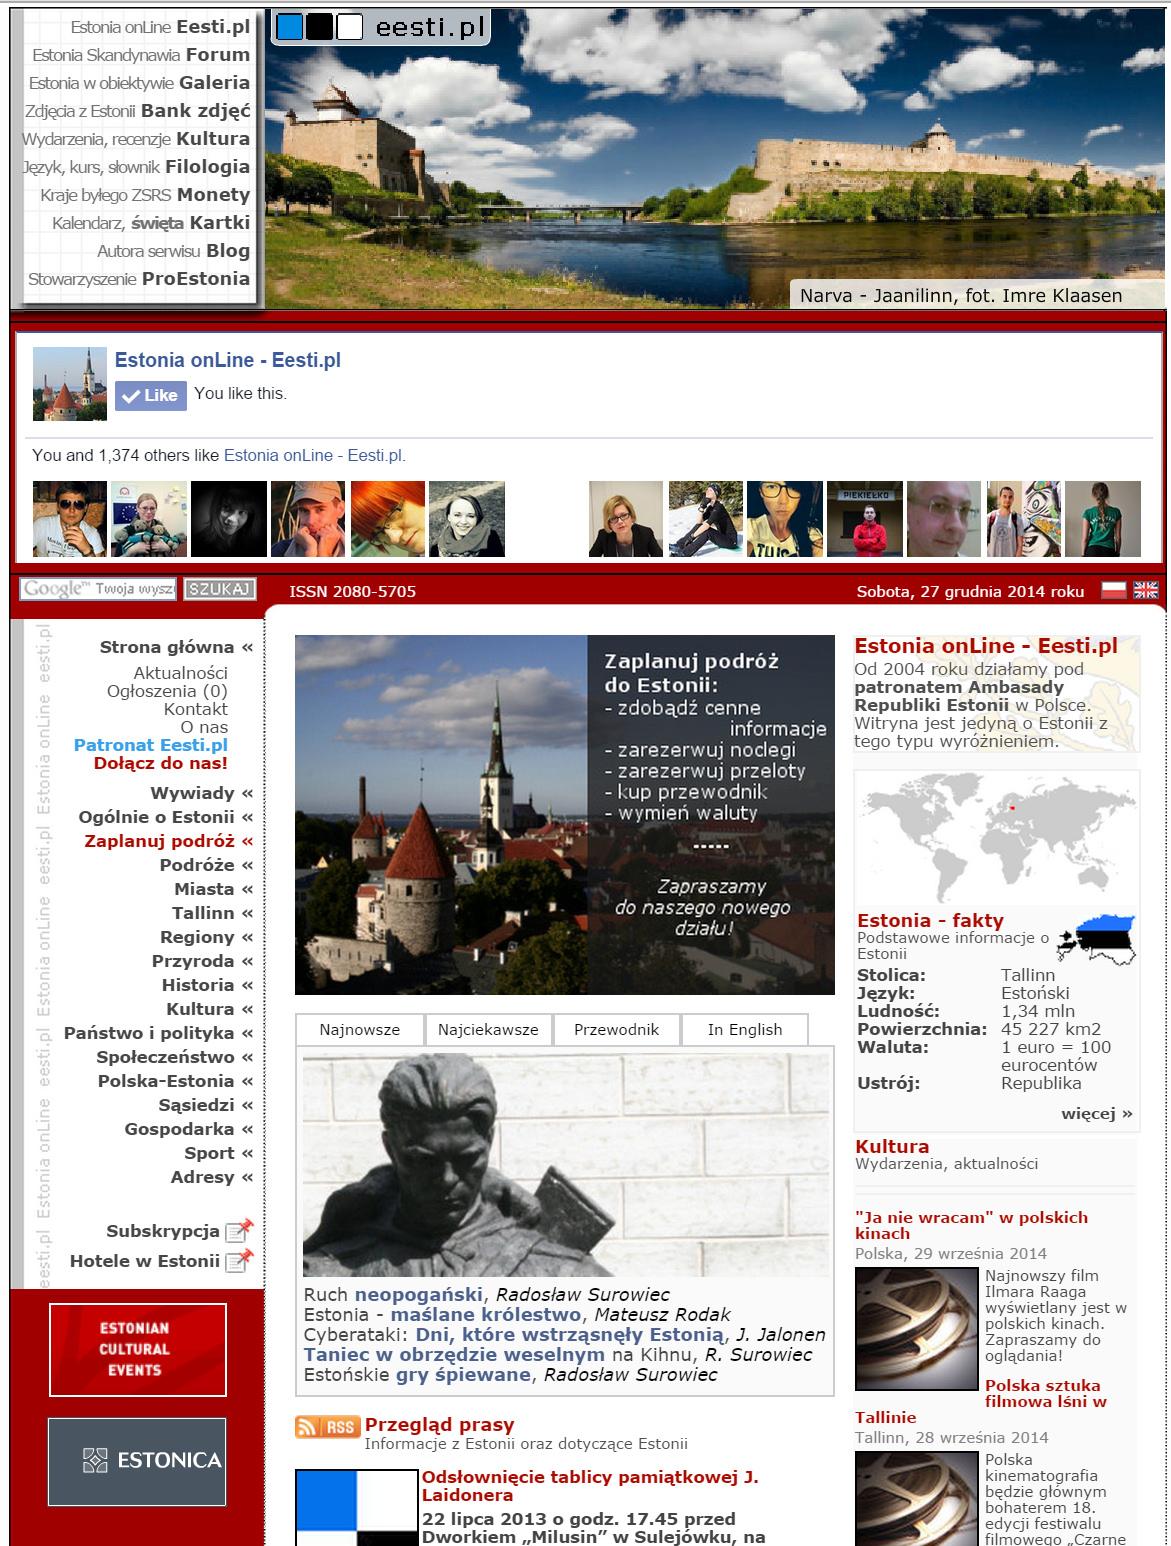 Eesti.pl w latach 2005-2014 :)